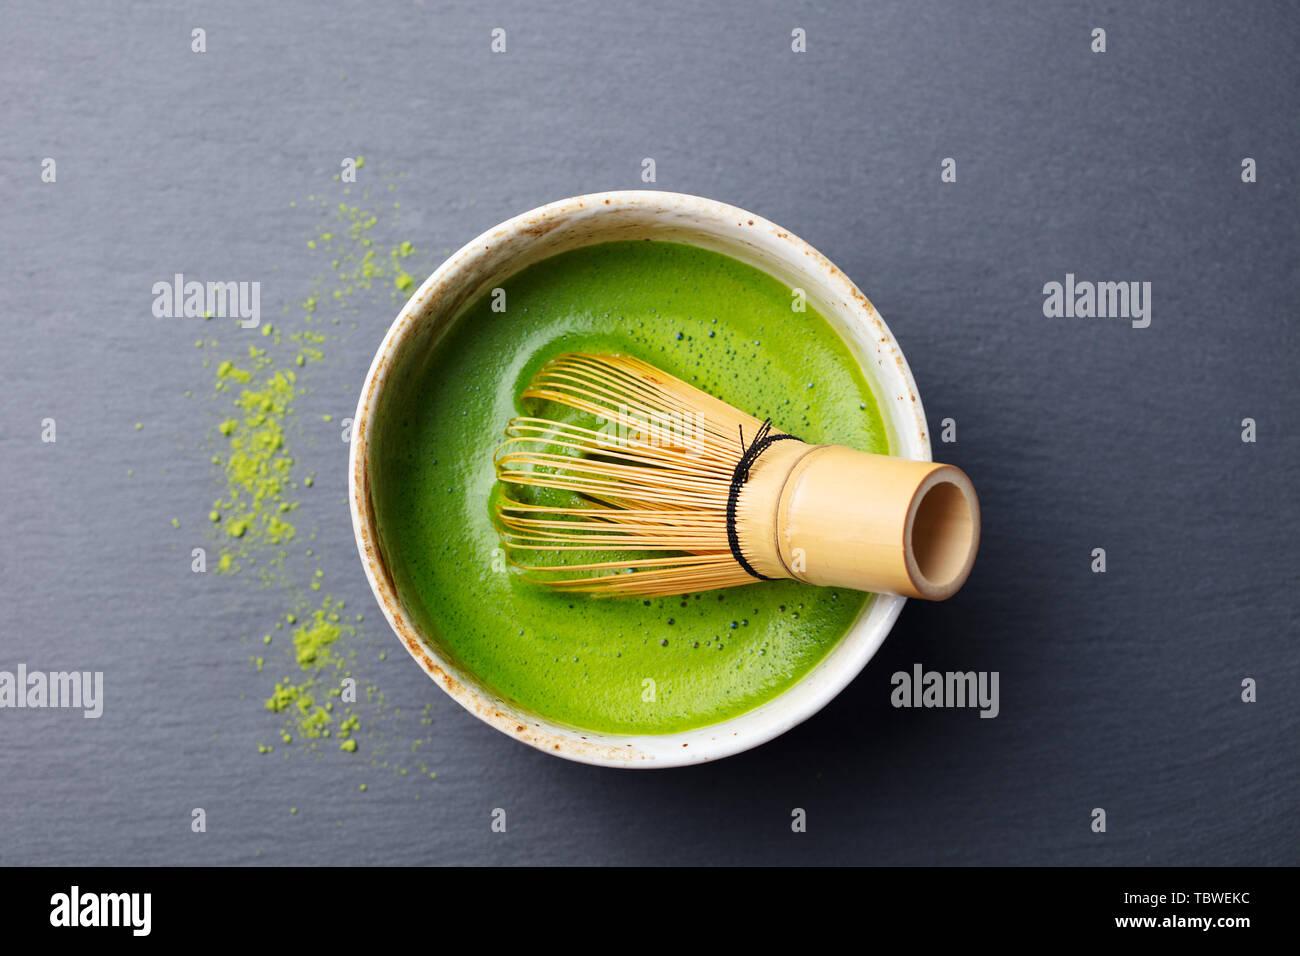 Té verde matcha proceso de cocción en un recipiente con batidor de bambú. Fondo de pizarra negra. Vista desde arriba. Foto de stock